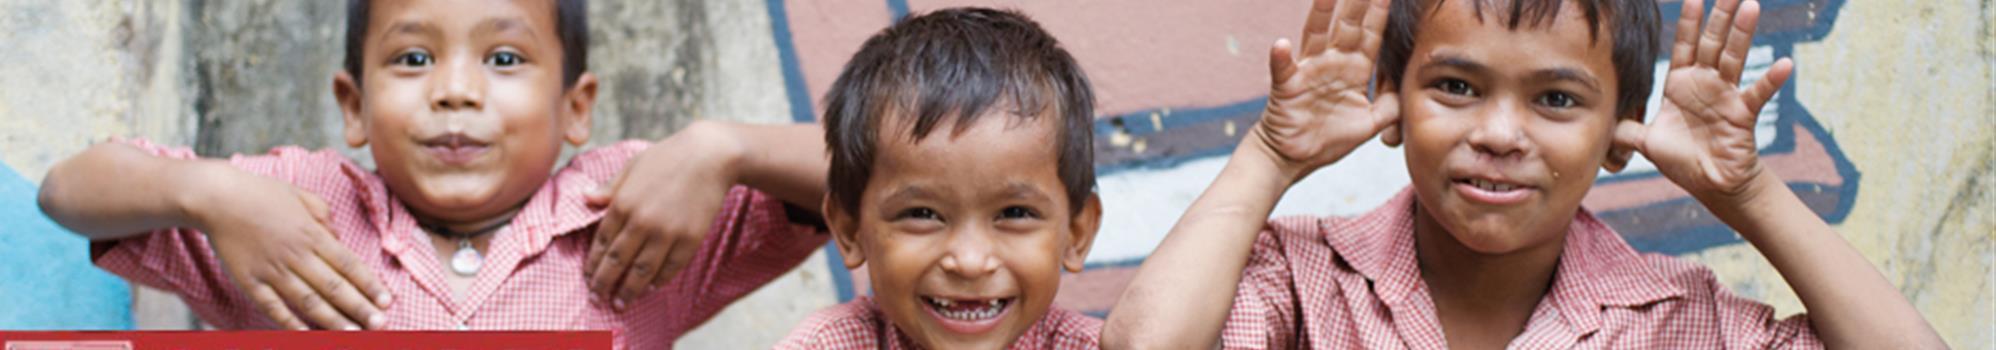 Aidez-moi à aider cette association qui fait des merveilles pour l'éducation  - Calcutta de la rue à l'école